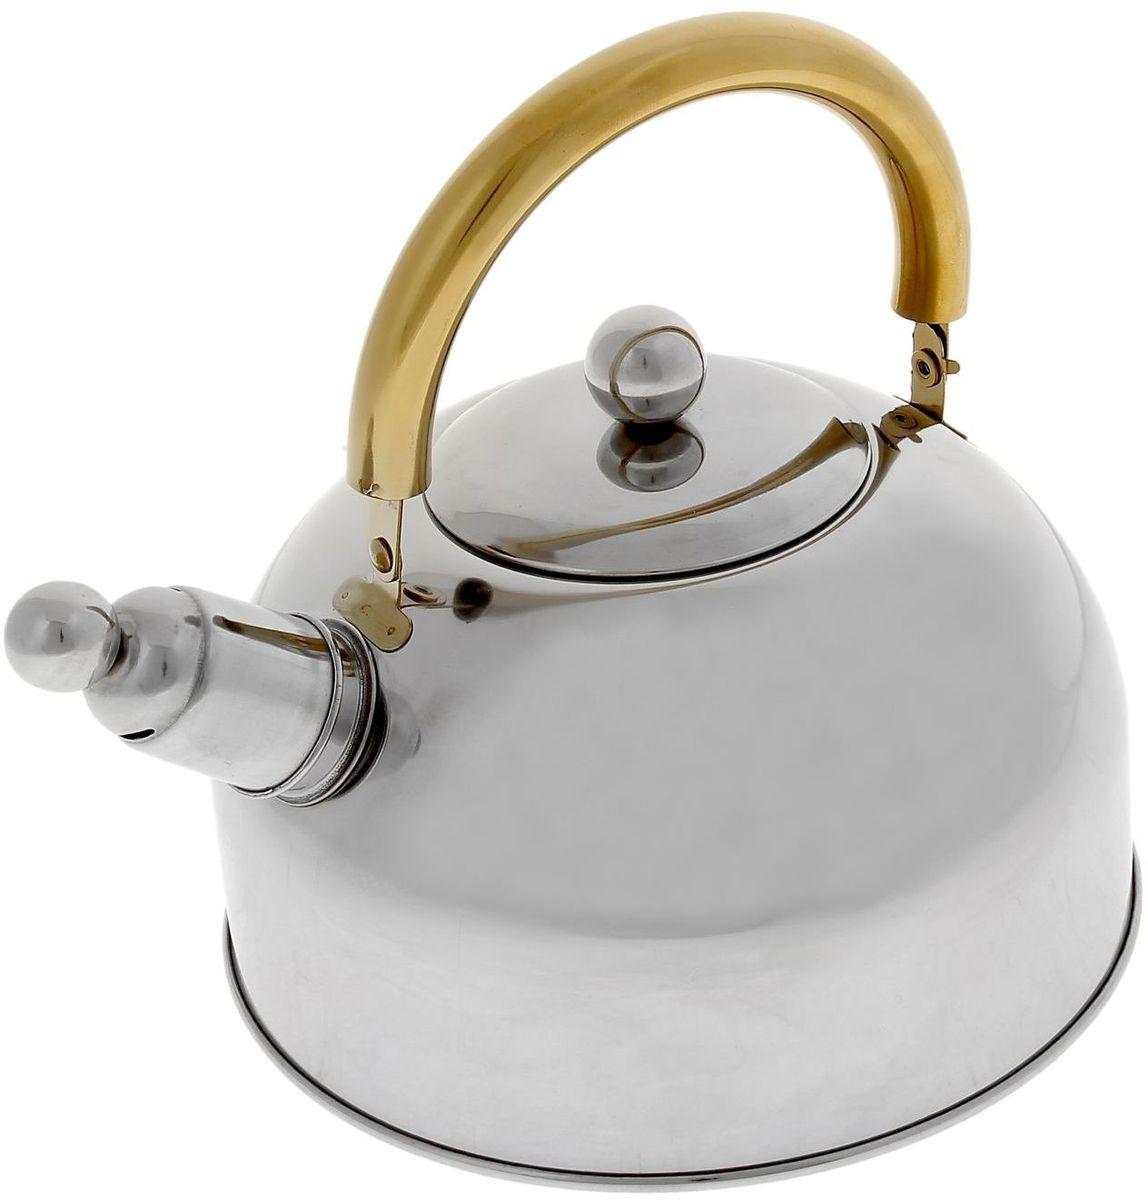 Чайник Доляна Роскошь, со свистком, 2,5 л851933Чайник Доляна Роскошь выполнен из высококачественной нержавеющей стали. Материал изделия отличается неприхотливостью в уходе, безукоризненной функциональностью, гигиеничностью и стойкостью к коррозии. Чайники из нержавеющей стали абсолютно безопасны для здоровья человека. Благодаря низкой теплопроводности и оптимальному соотношению дна и стенок вода дольше остается горячей, а качественное дно гарантирует быстрый нагрев. Чайник при кипячении сохраняет все полезные свойства воды. Чайник снабжен подвижной стальной ручкой. Съемный свисток на носике чайника громко оповестит, когда закипела вода. Подходит для газовых, электрических, стеклокерамических, галогеновых, индукционных плит. Рекомендуется ручная мойка.